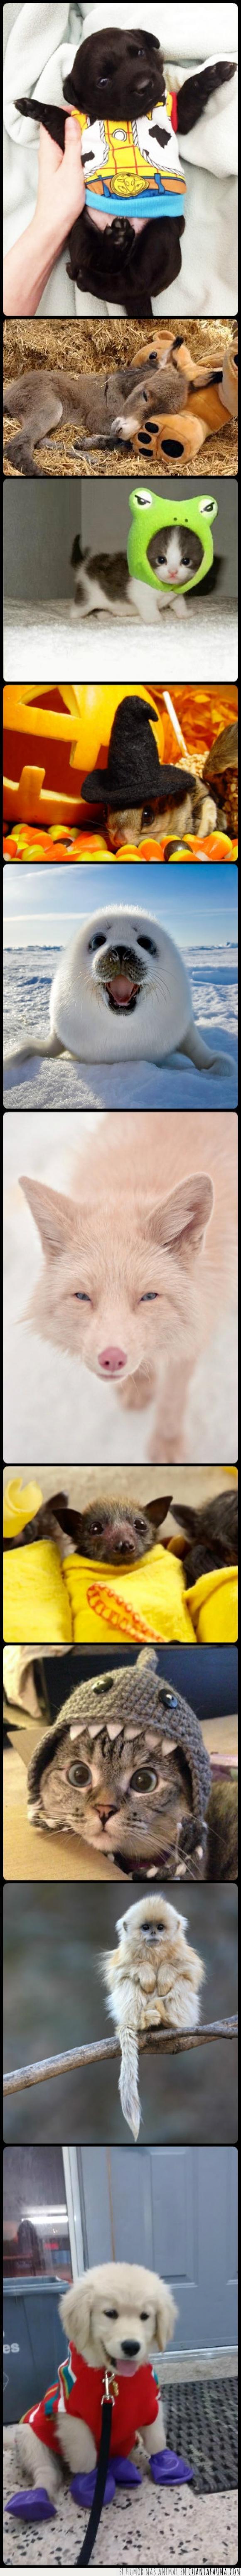 animales,ardilla,burro,cachorros,diabetes,foca,gaticos,gatitos,gatos,mininos,monadas,mono,perro,perros